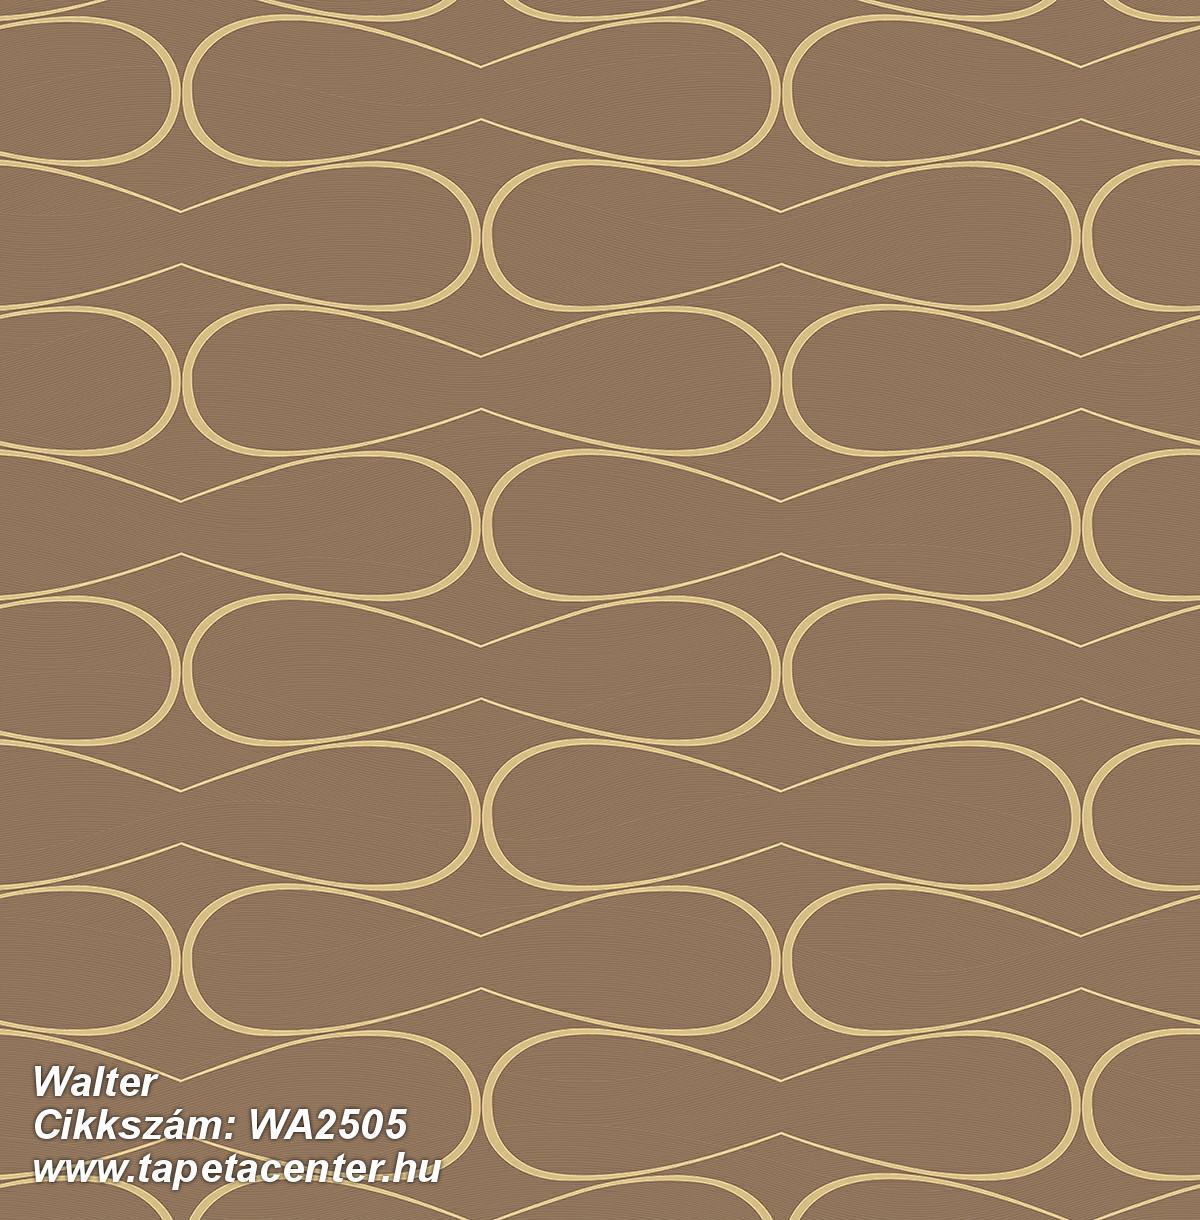 Absztrakt,dekor,geometriai mintás,különleges felületű,arany,barna,gyengén mosható,vlies tapéta